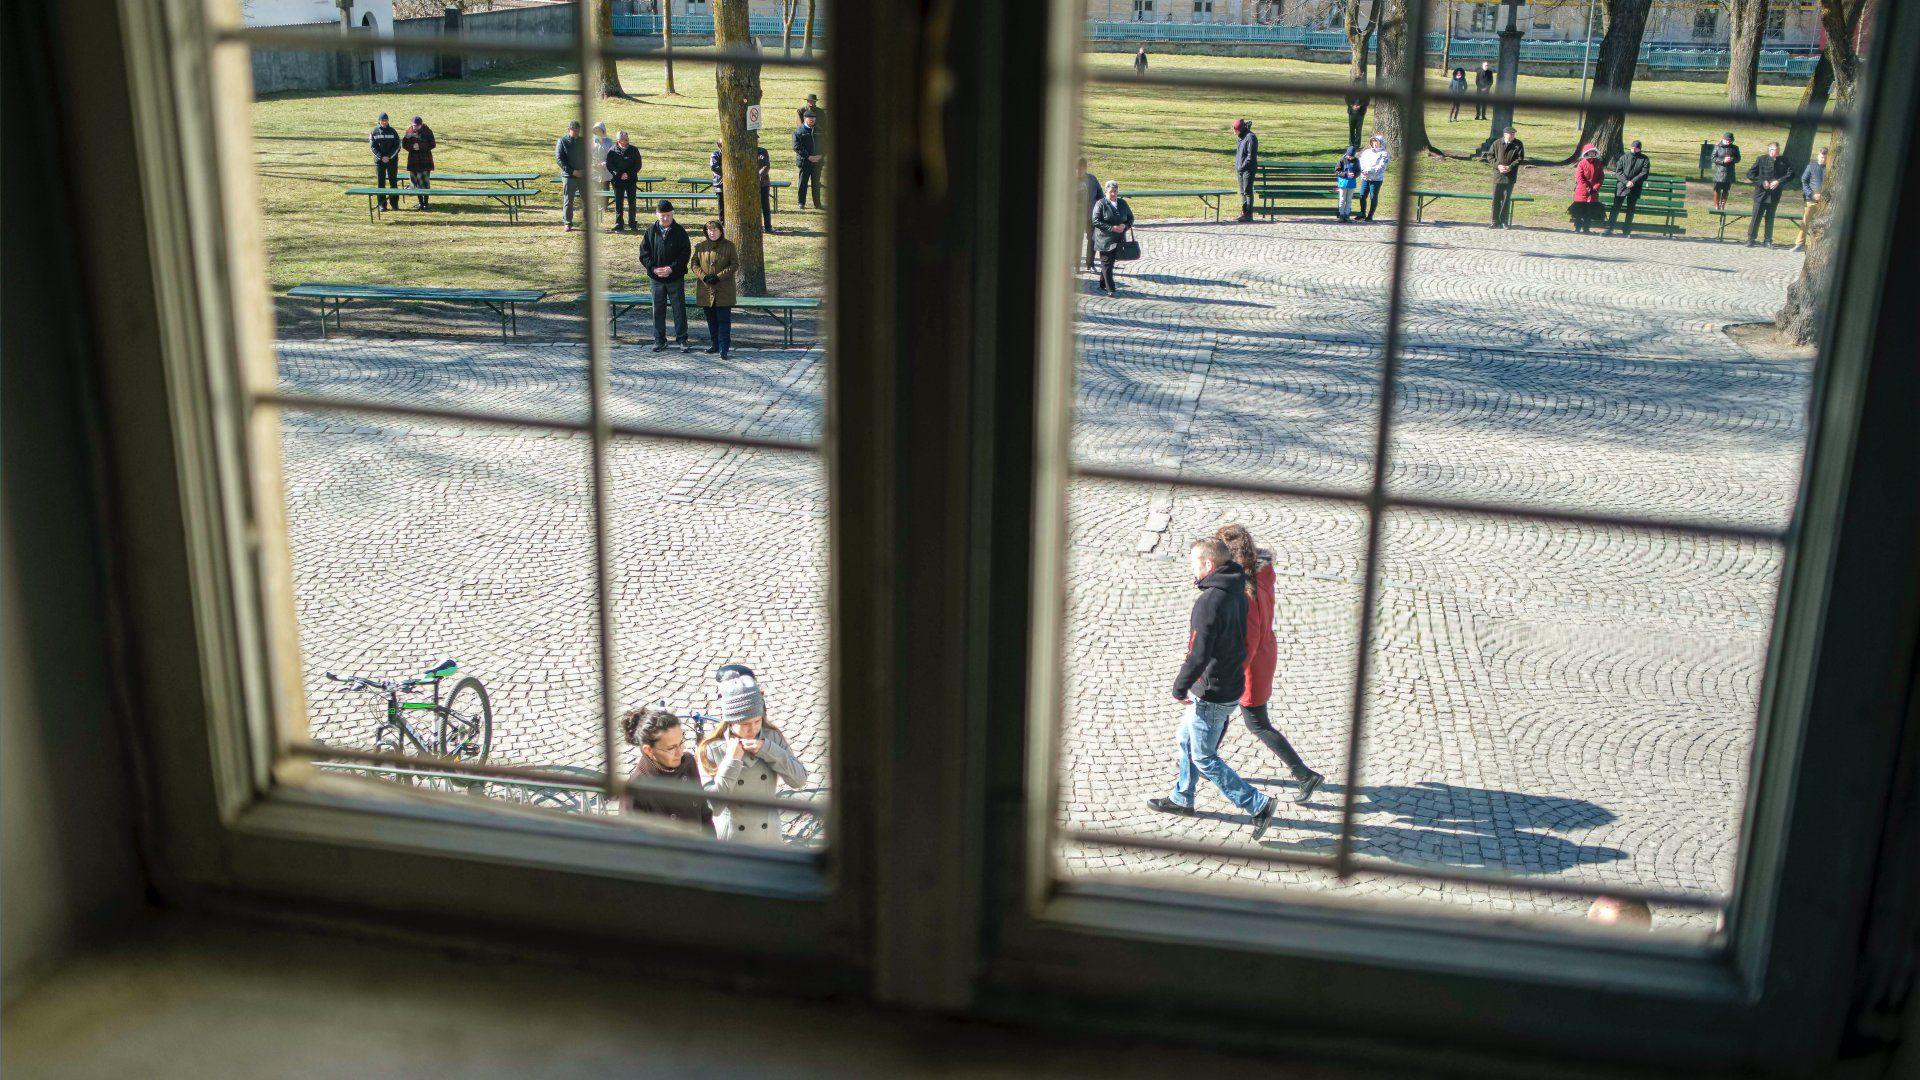 Hívek a csíksomlyói kegytemplom előtt hangszórokon keresztül hallgatják a vasárnapi misét 2020. március 15-én az erdélyi Csíksomlyón (Fotó: MTI/Veres Nándor)